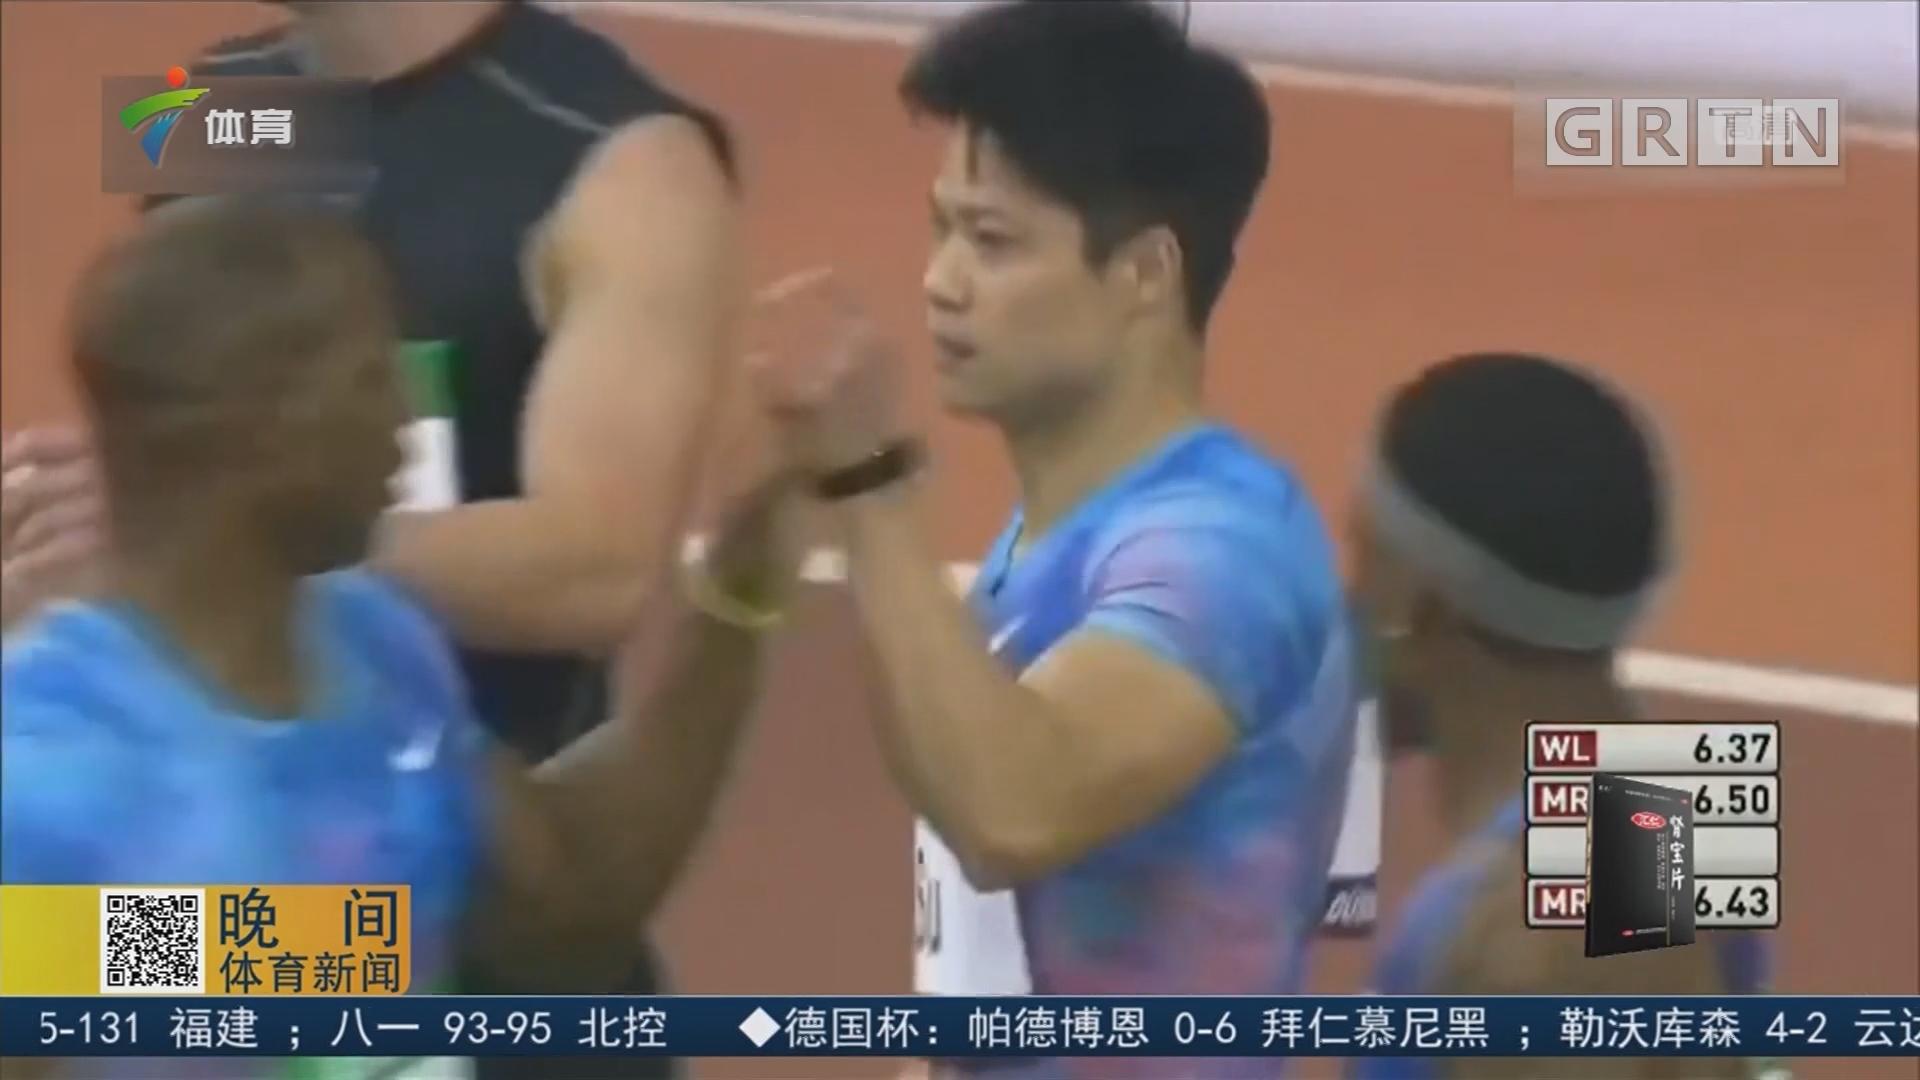 苏炳添再破60米亚洲纪录 6秒43成历史第五